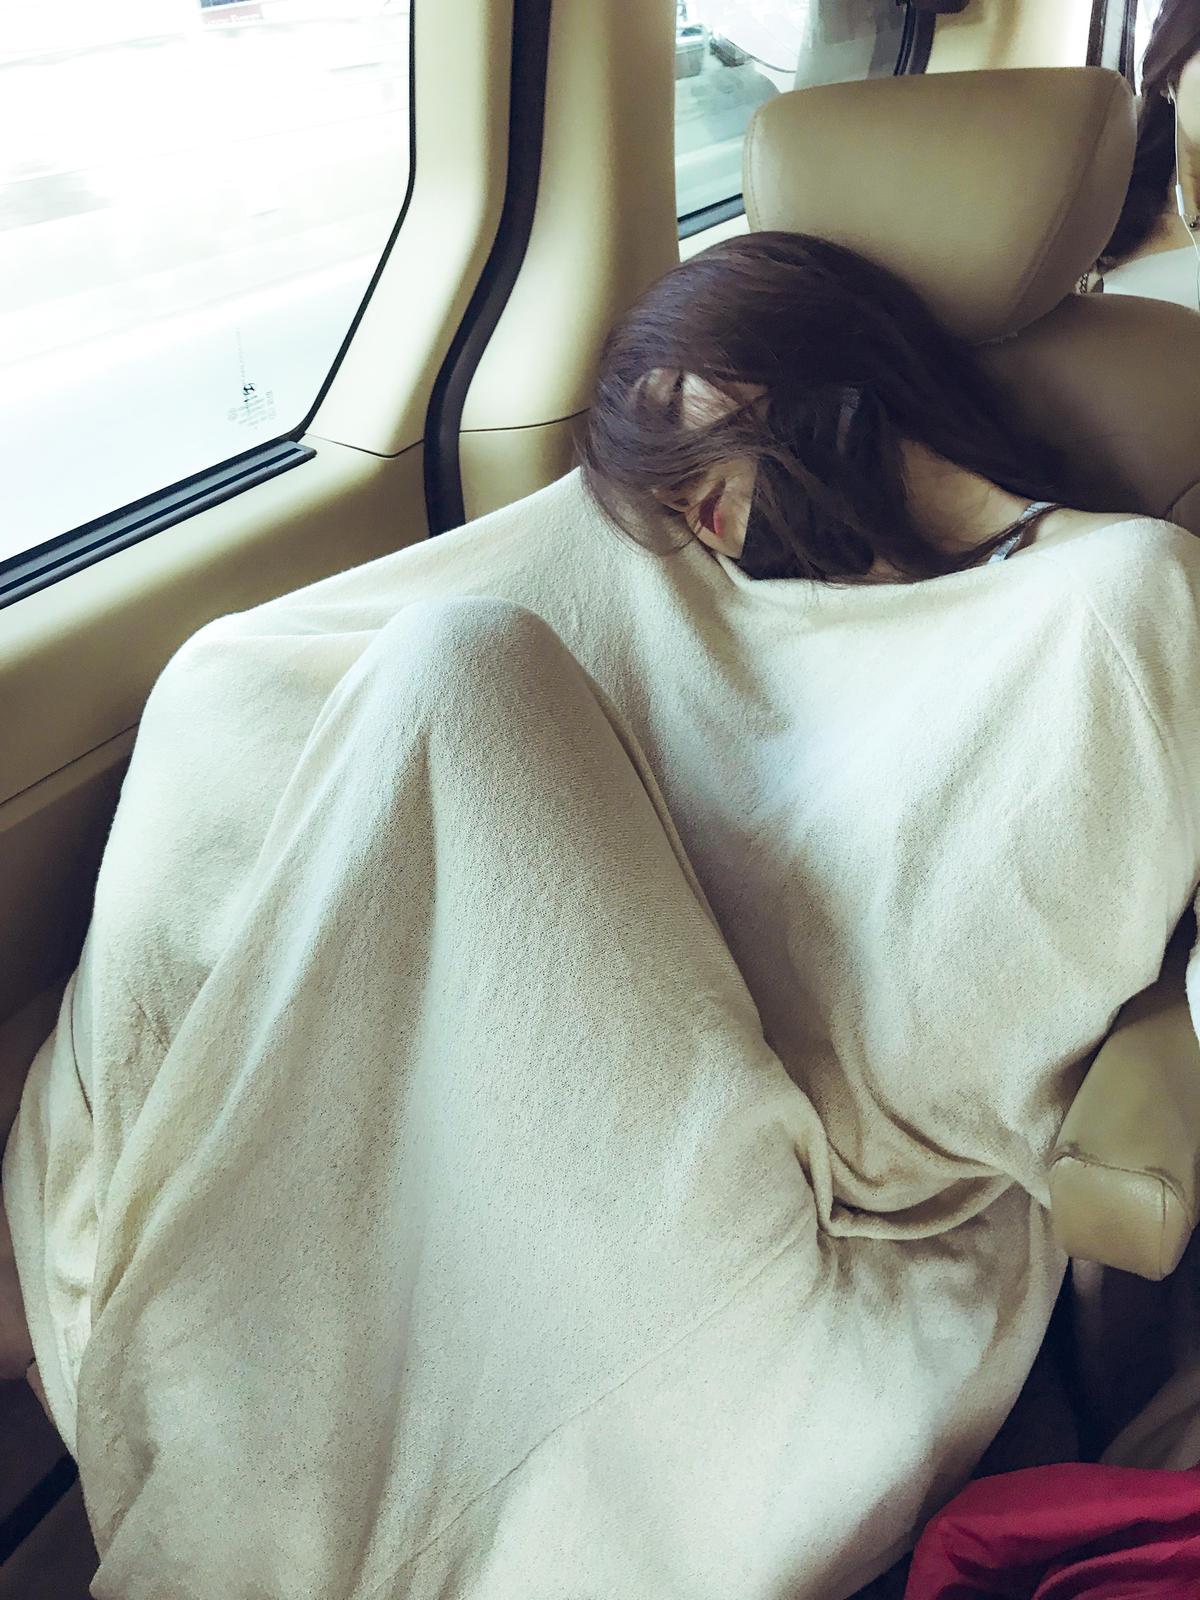 回想起這次泰國拍攝之旅,真是累到一個極點,大家都爭取時在車上睡覺。(創笙國際股份有限公司提供)